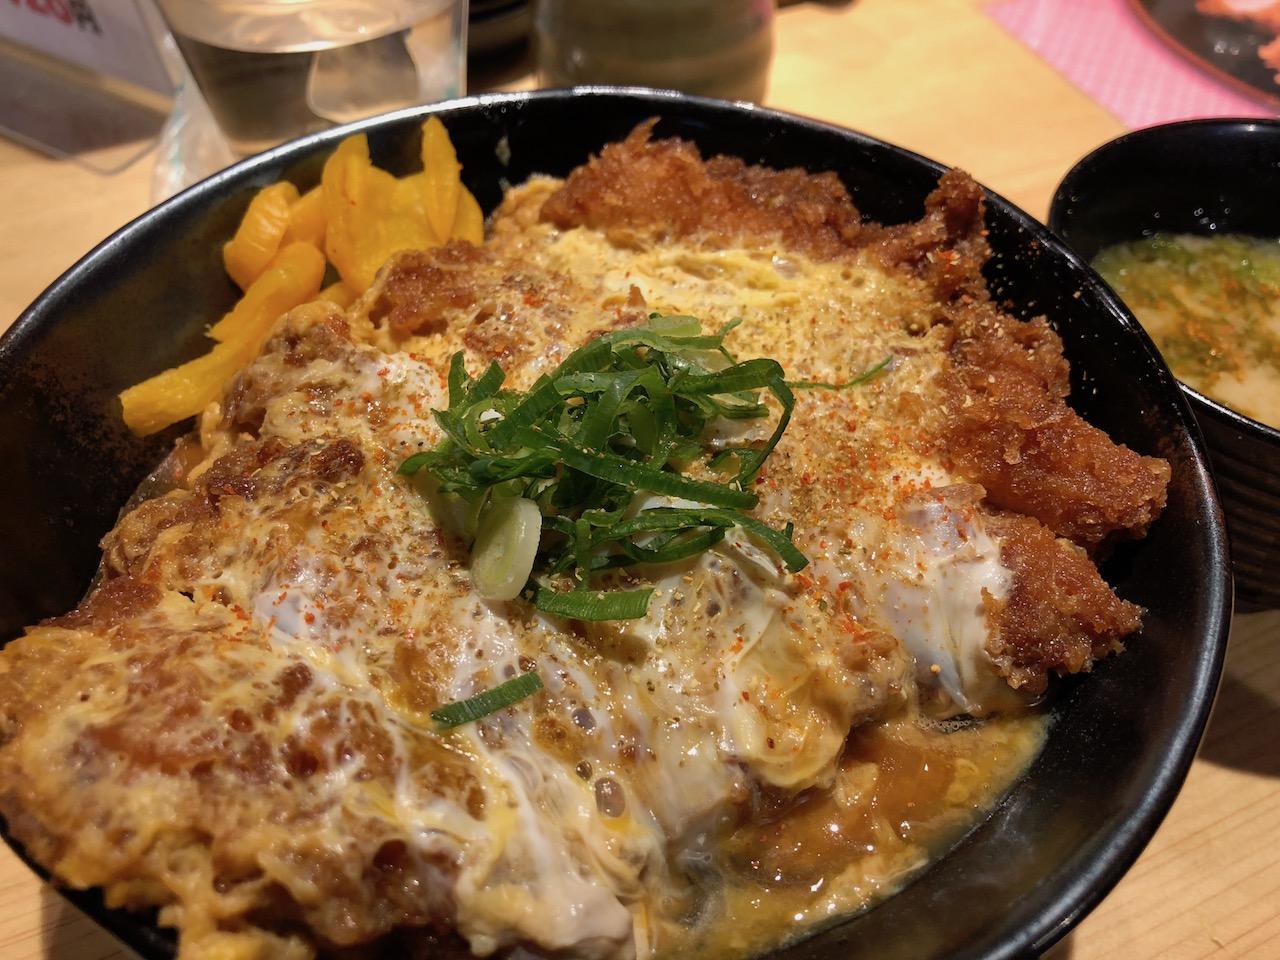 姫路駅すぐ!トンカツが美味しい「とん一」レビュー!気になるメニューや飲み放題食べ放題は?